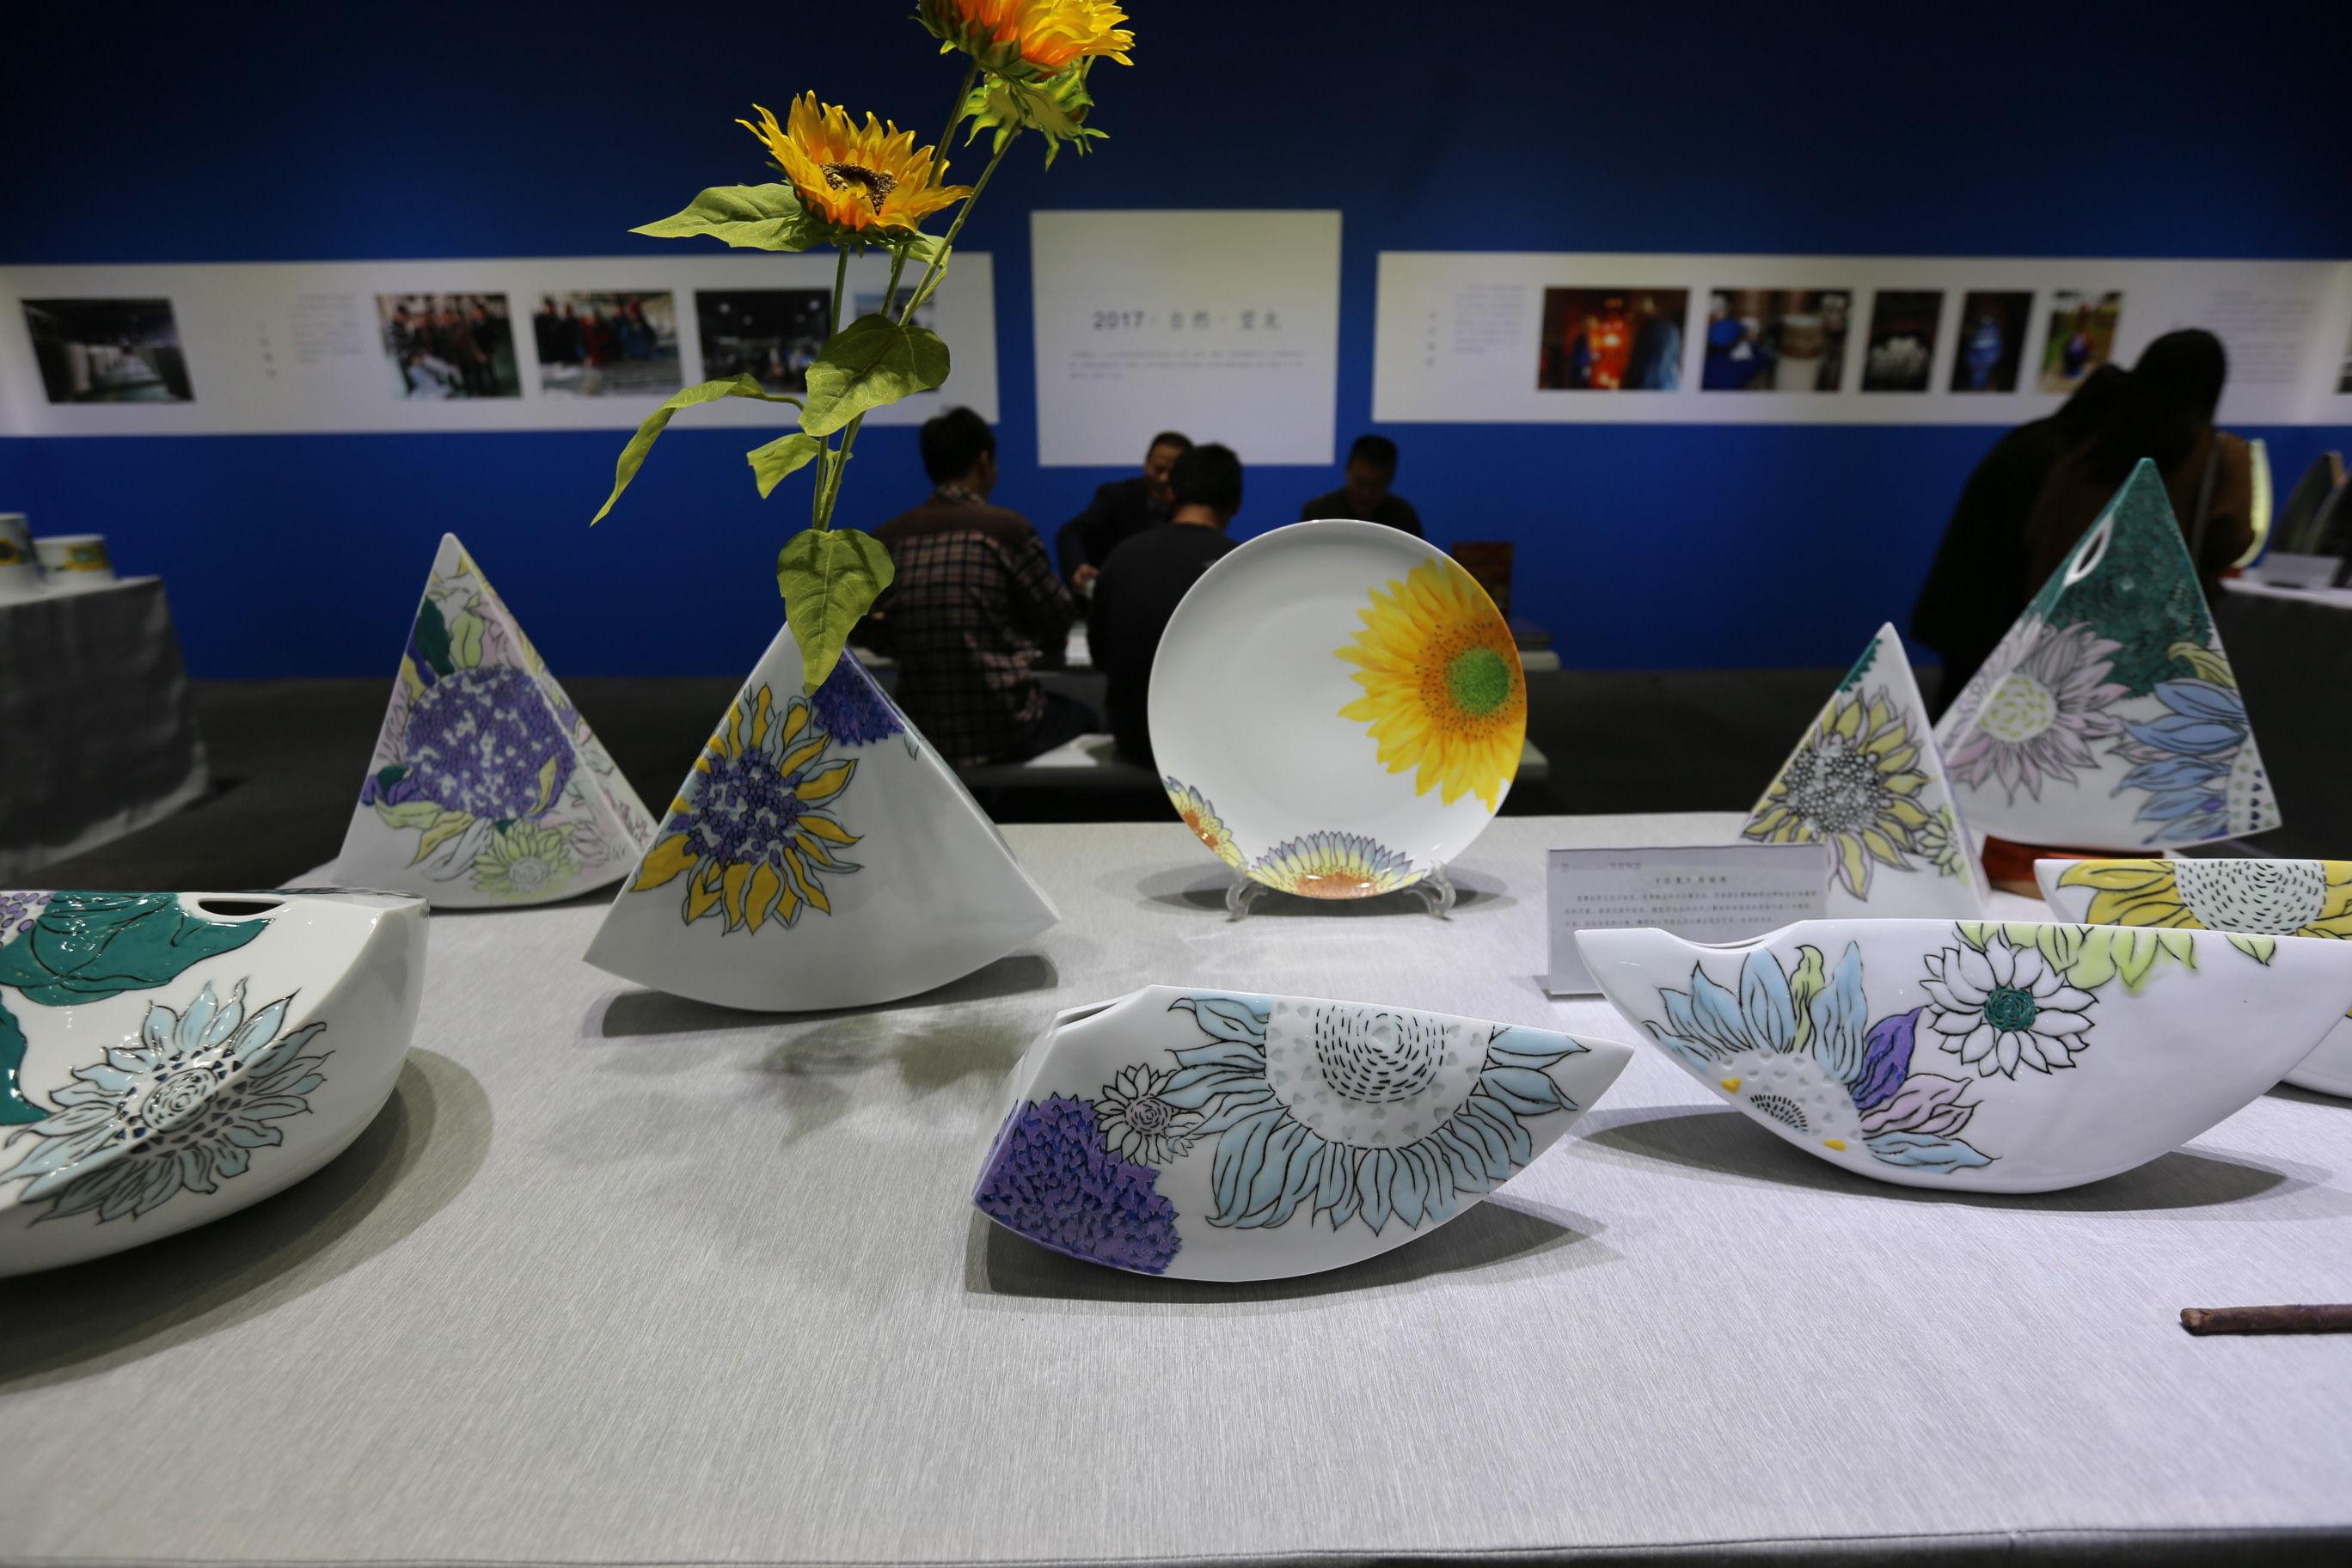 向日葵主题系列陶瓷(王东摄) 据介绍,望龙向日葵主题系列陶瓷,是全手工打磨餐具,全程使用手工成型,圆形流畅、方形菱角分明,每一道线条,每一个转折都来自设计者的思维灵感,手随心动,自然、真实,开创性的造型仿佛未来陶瓷穿越而来。